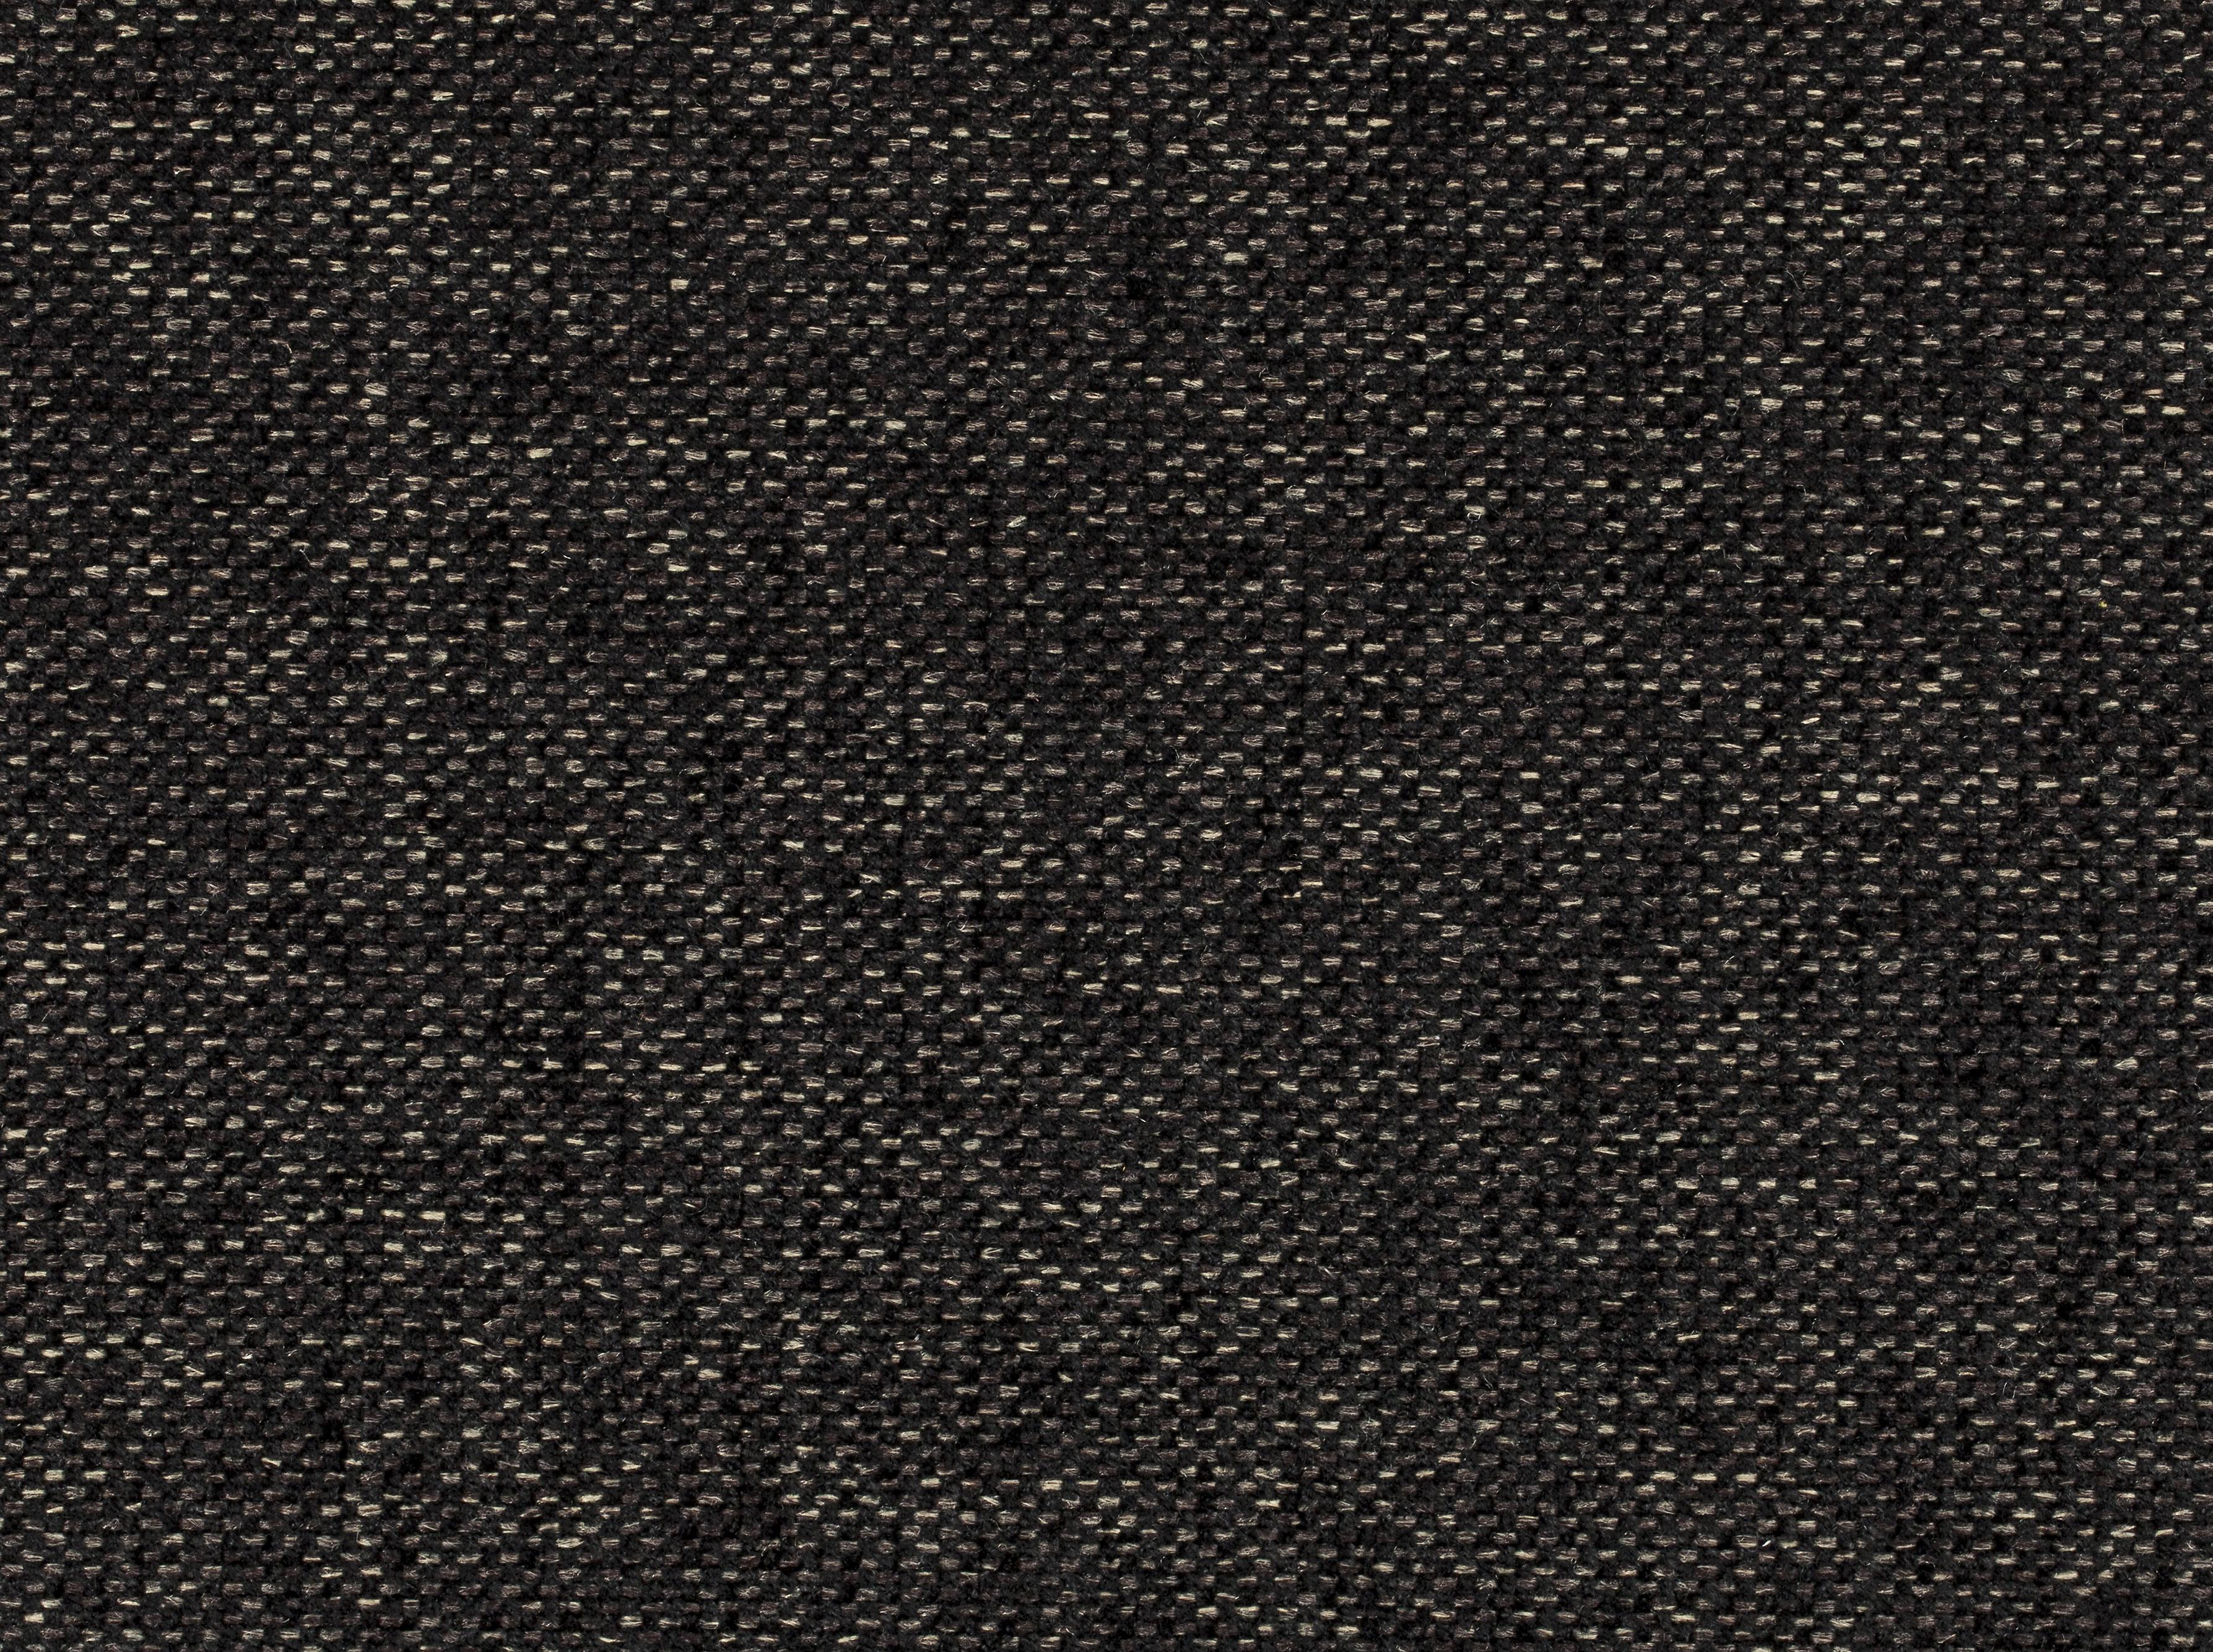 C1 4178 Black